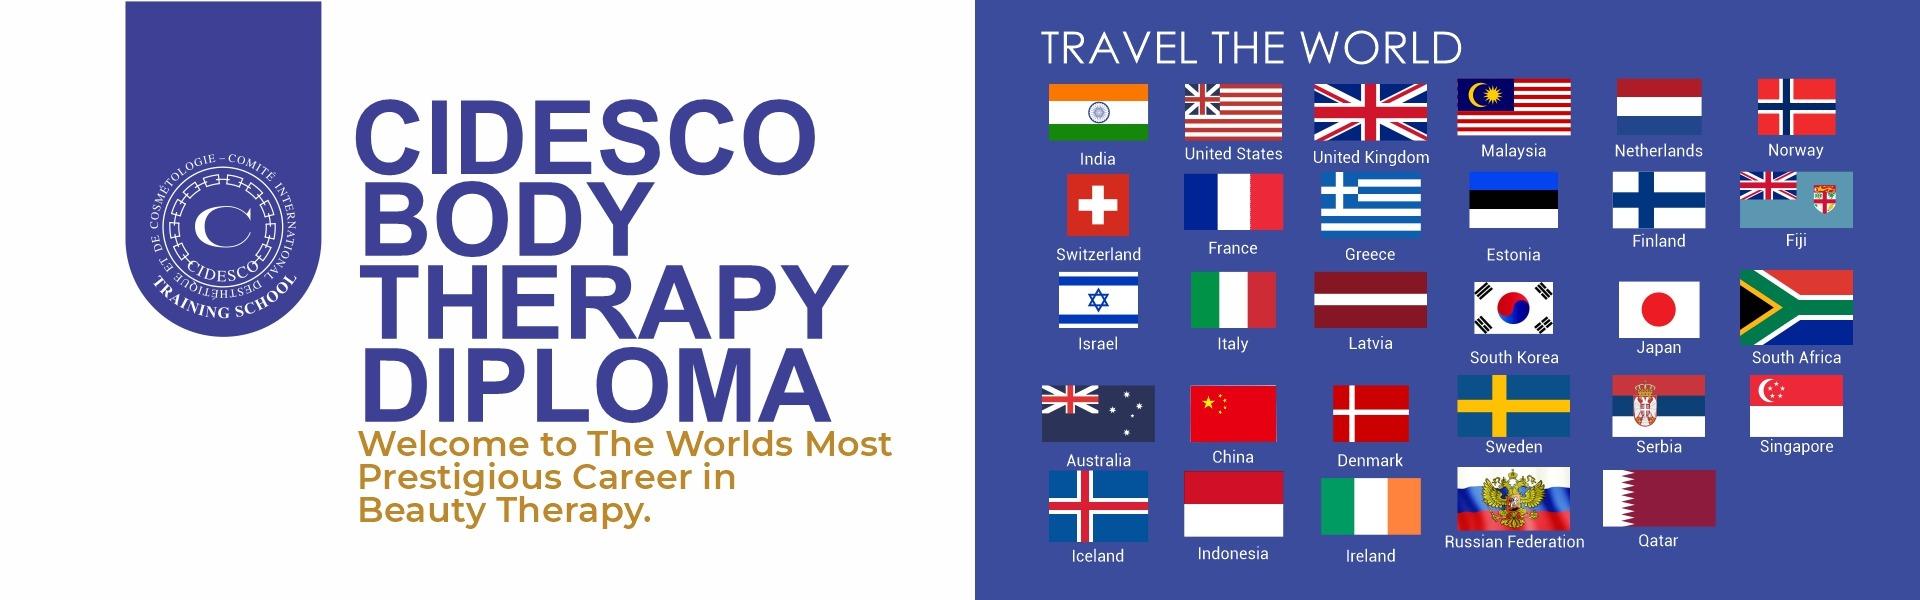 CIDESCO Body Therapy Diploma Course